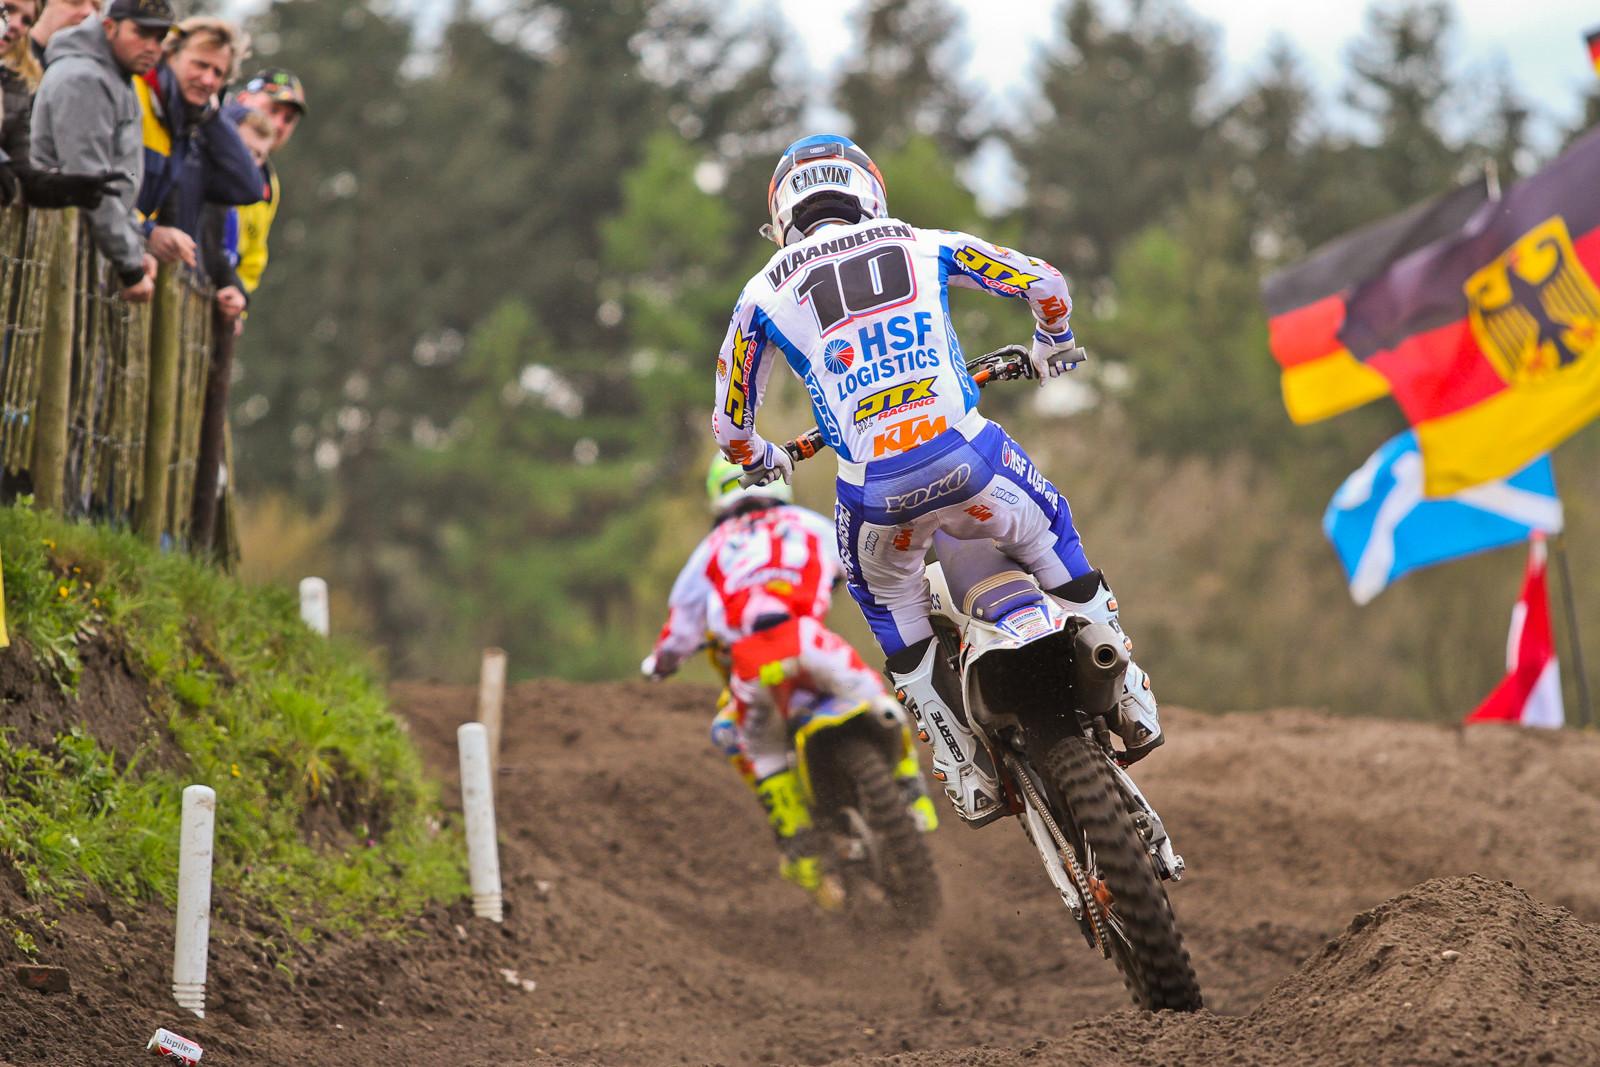 Calvin Vlaanderen - Photo Blast: 2017 MXGP of Valkenswaard - Motocross Pictures - Vital MX